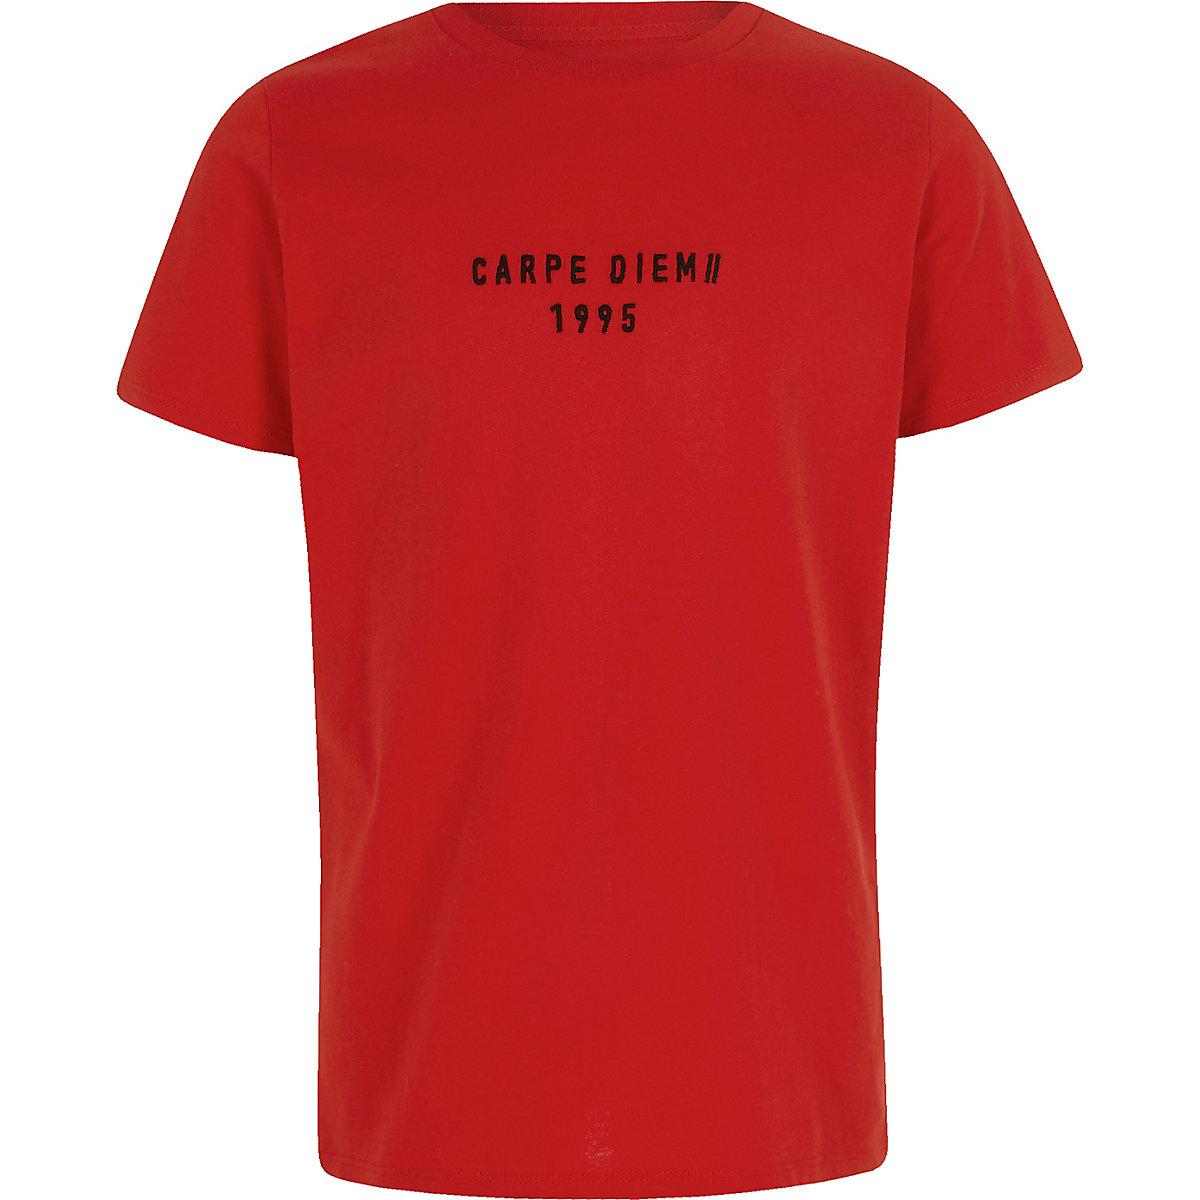 Boys red 'Carpe Diem' tape T-shirt